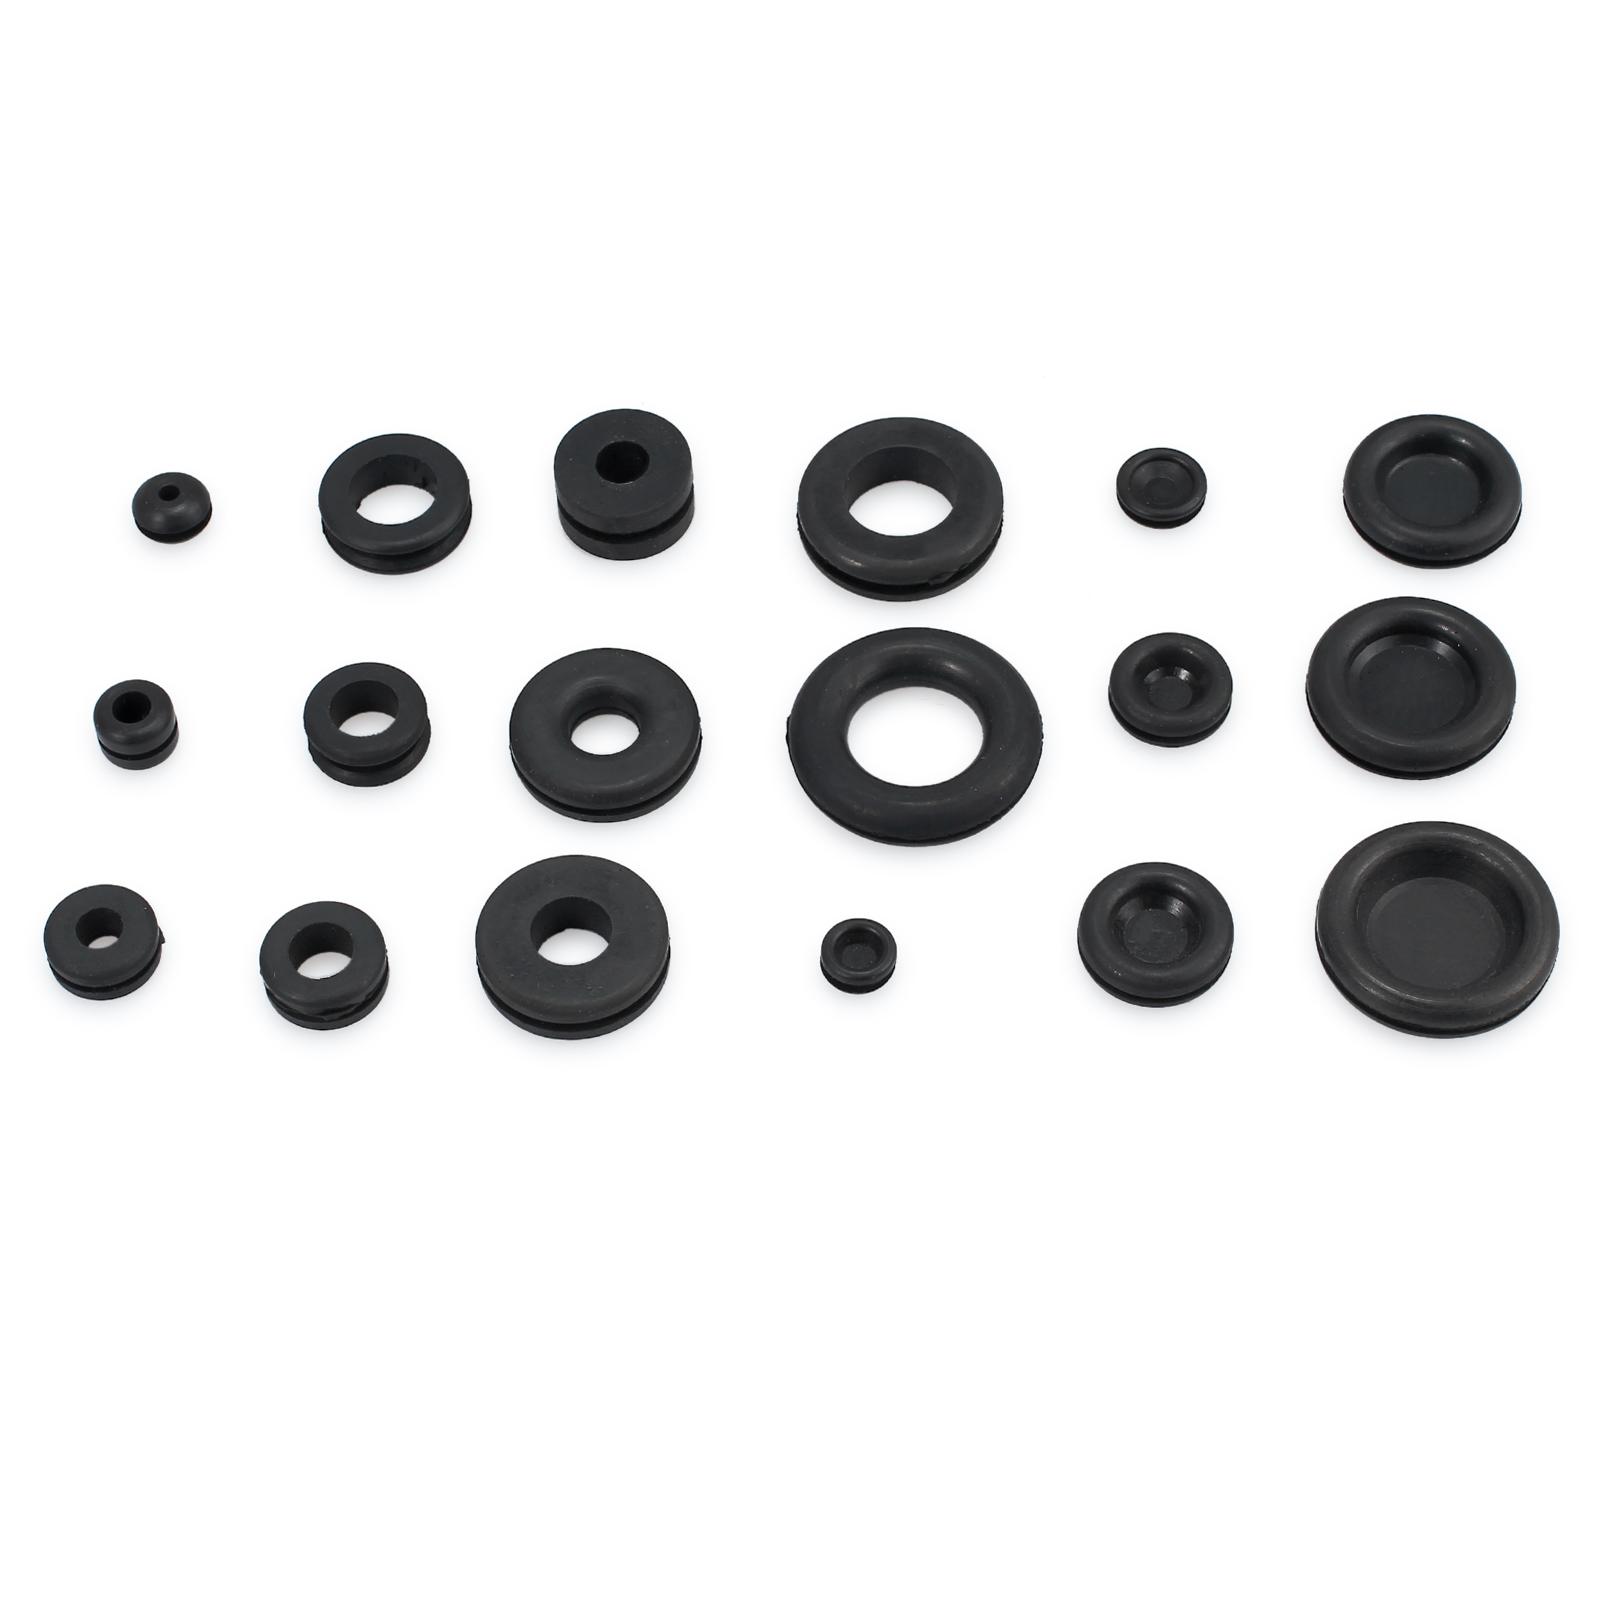 250 pcs anneau oeillets en caoutchouc assortiment joint d/'étanchéité kit